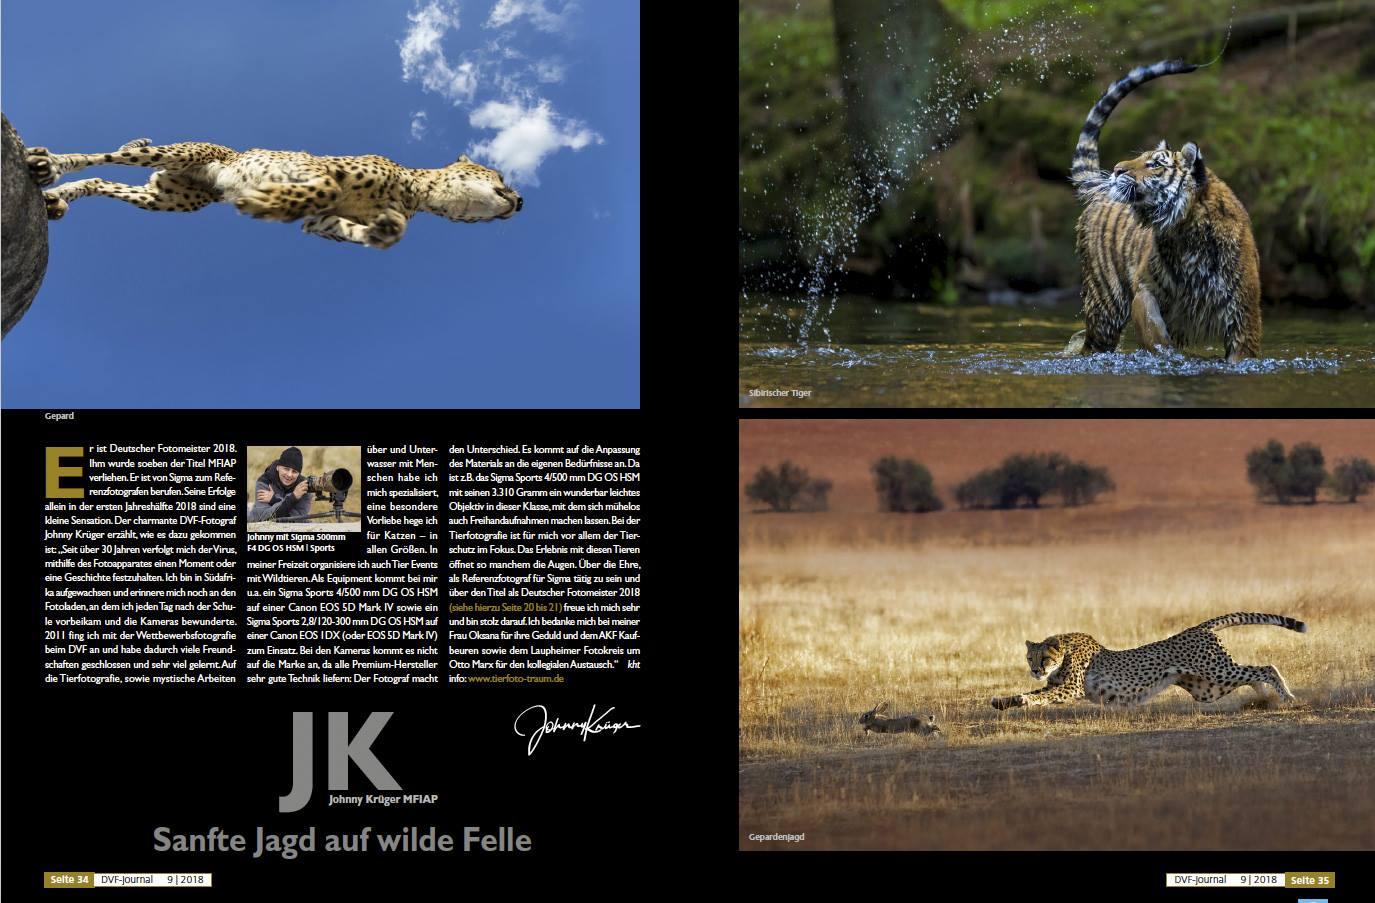 Bericht im Journal des Deutschen Verbands für Fotografie